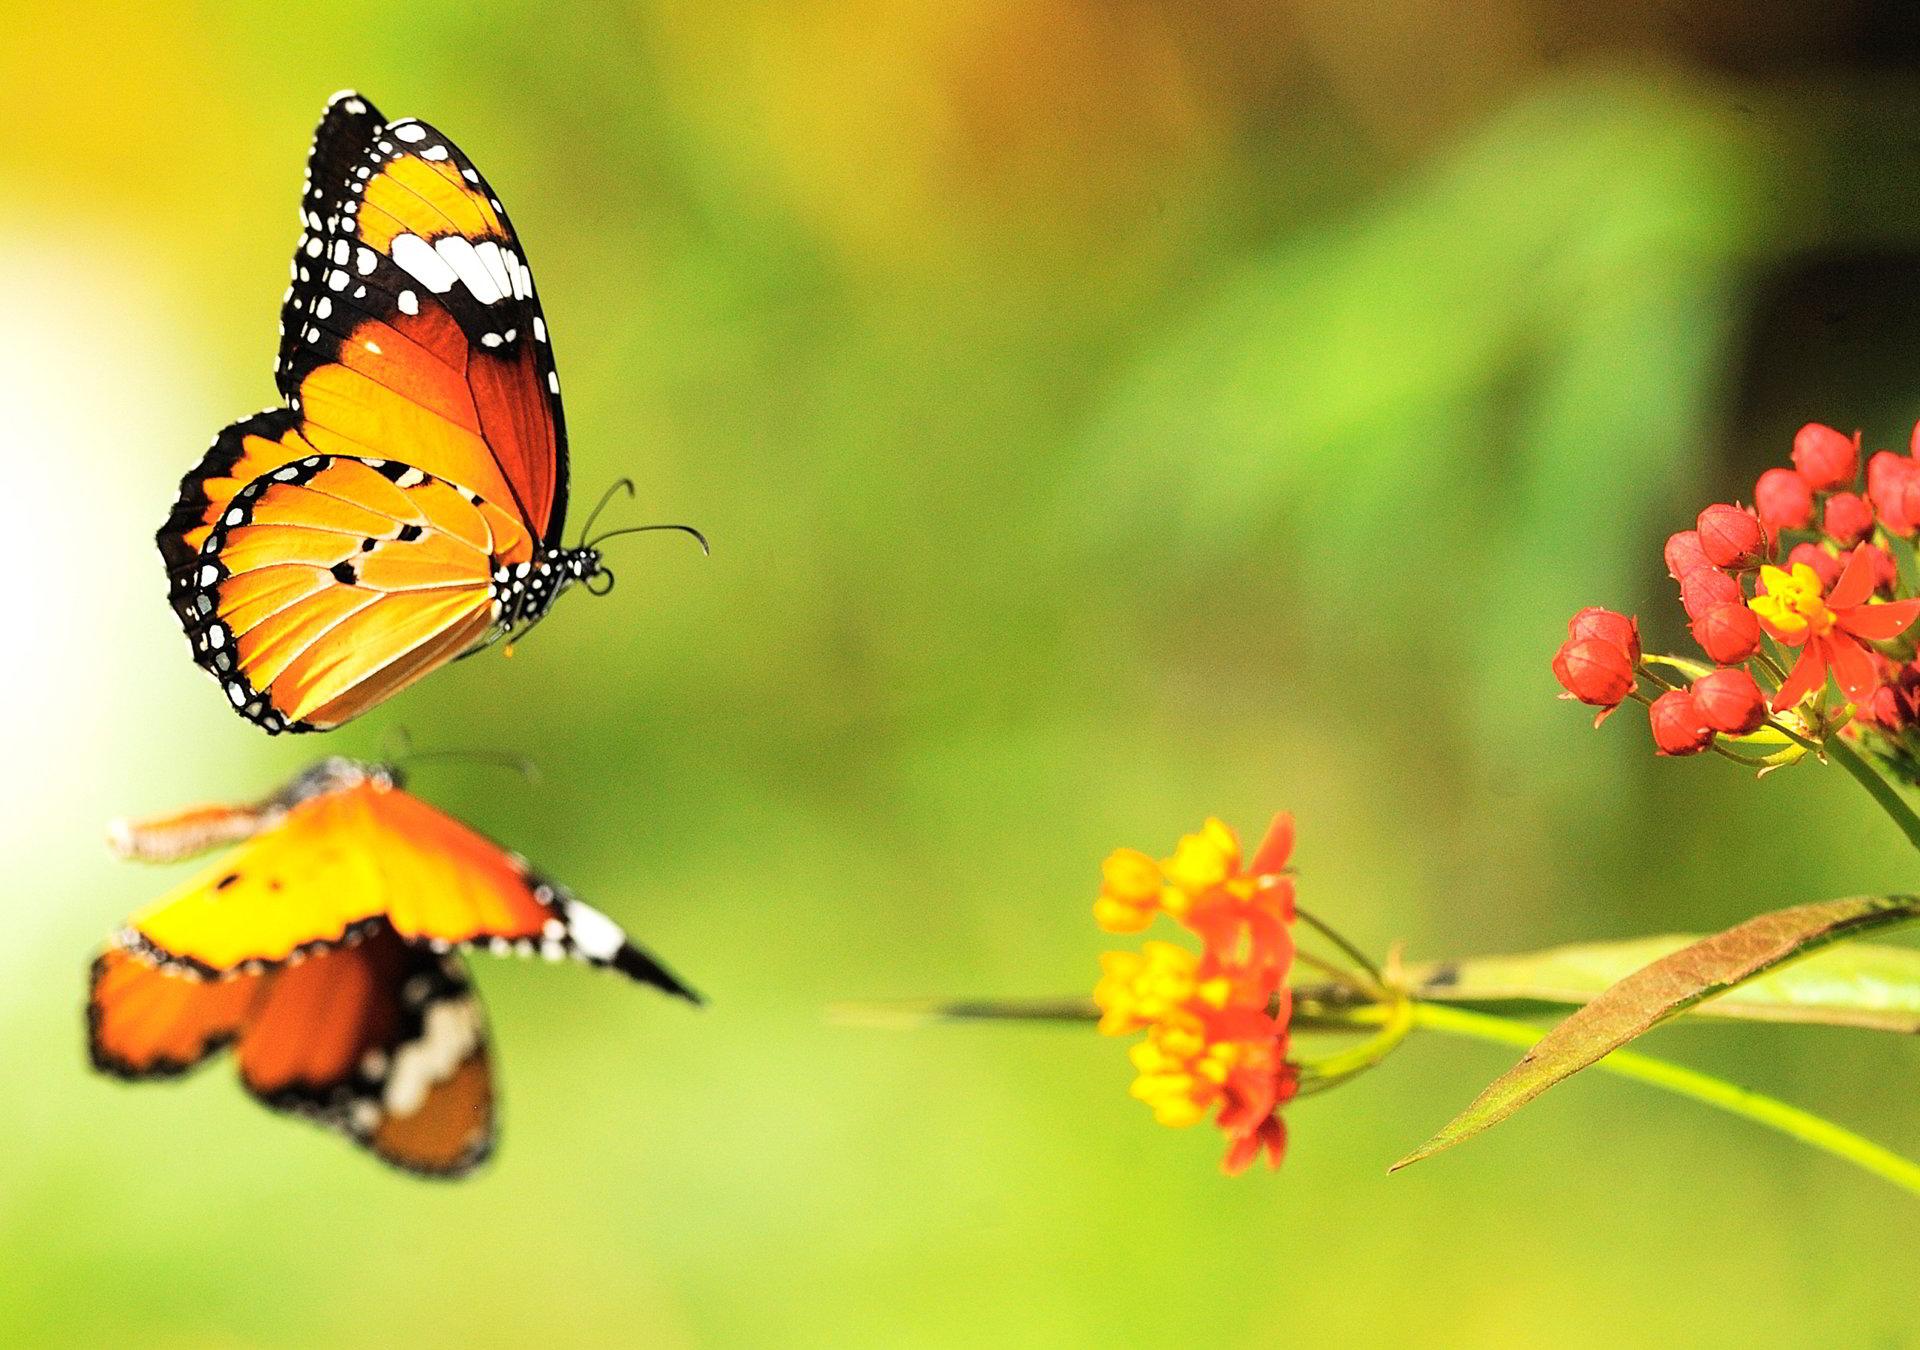 hình nền bươm bướm